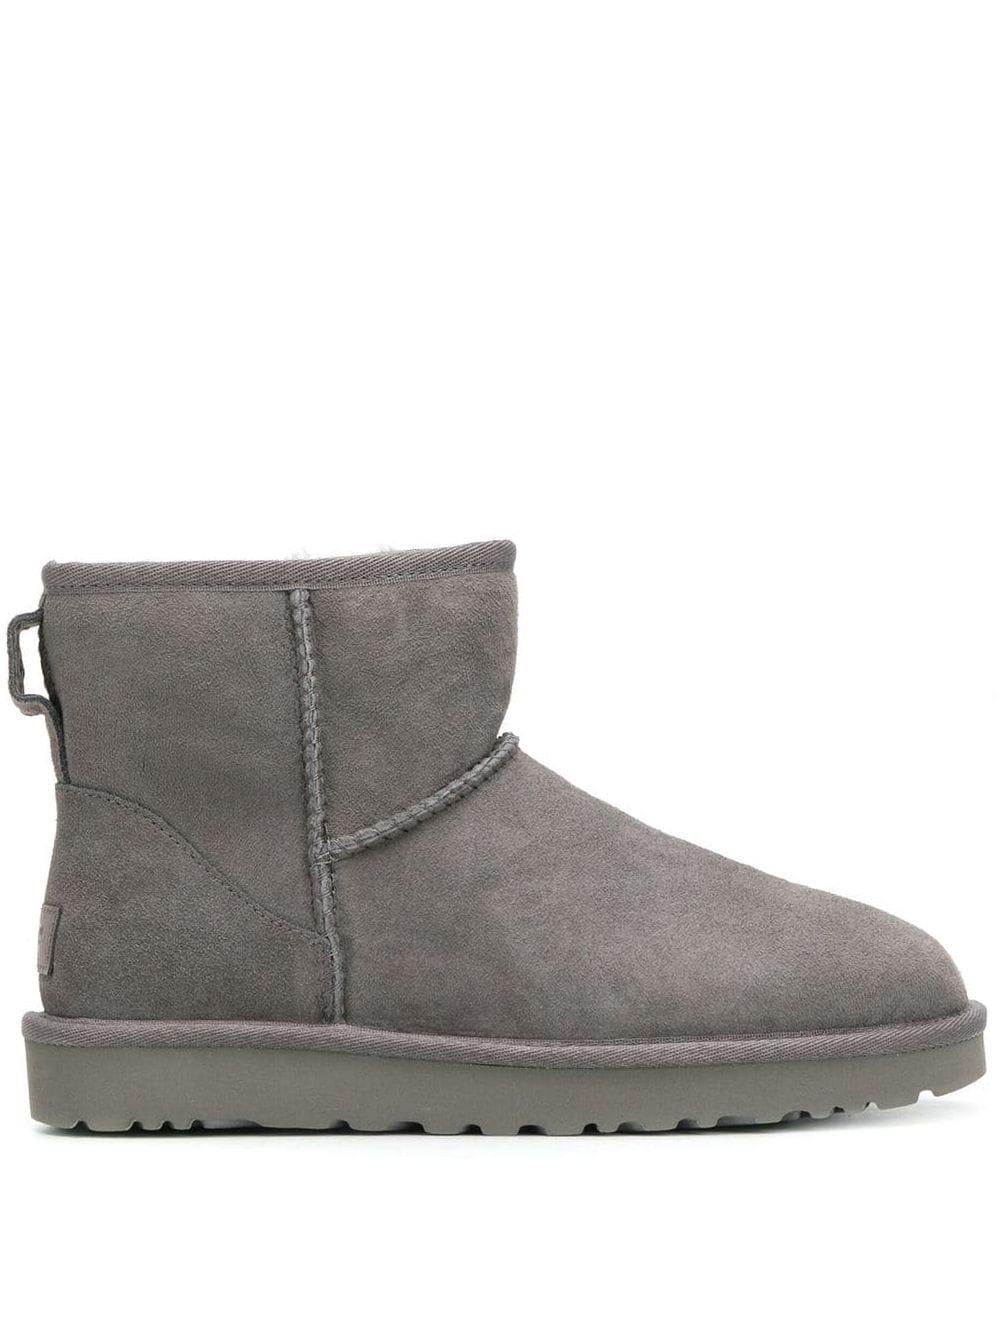 Mini Classic Ii Boots